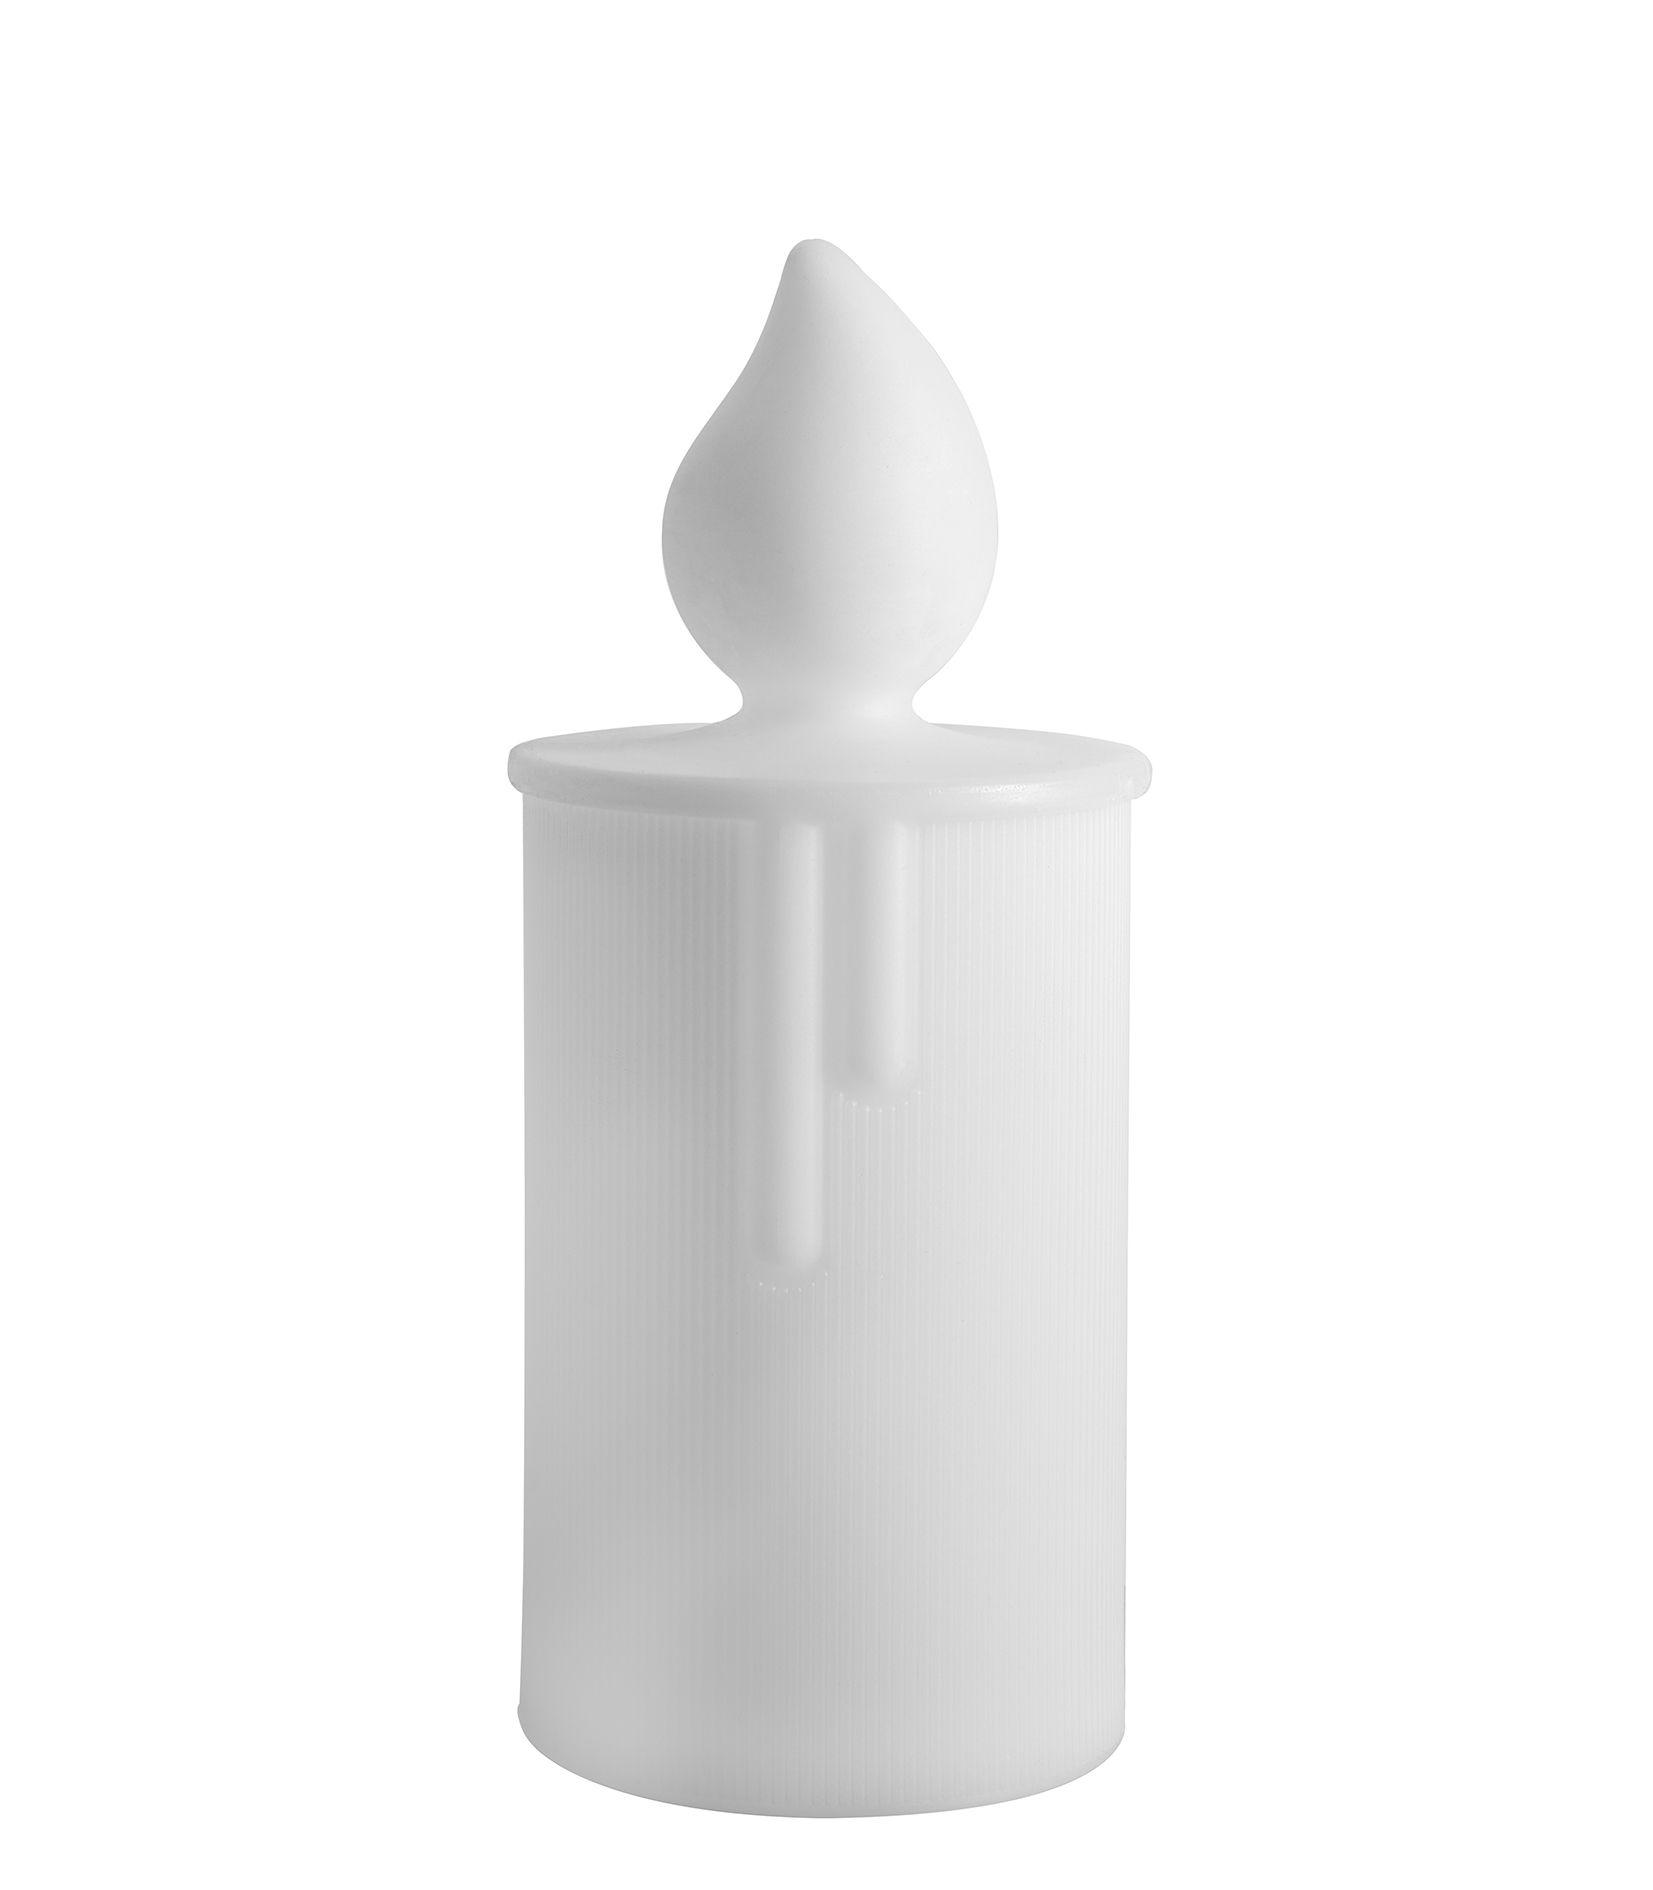 Leuchten - Tischleuchten - Fiamma Lampe ohne Kabel LED / outdoorgeeignet - H 30 cm - Slide - Weiß / outdoorgeeignet - polyéthène recyclable